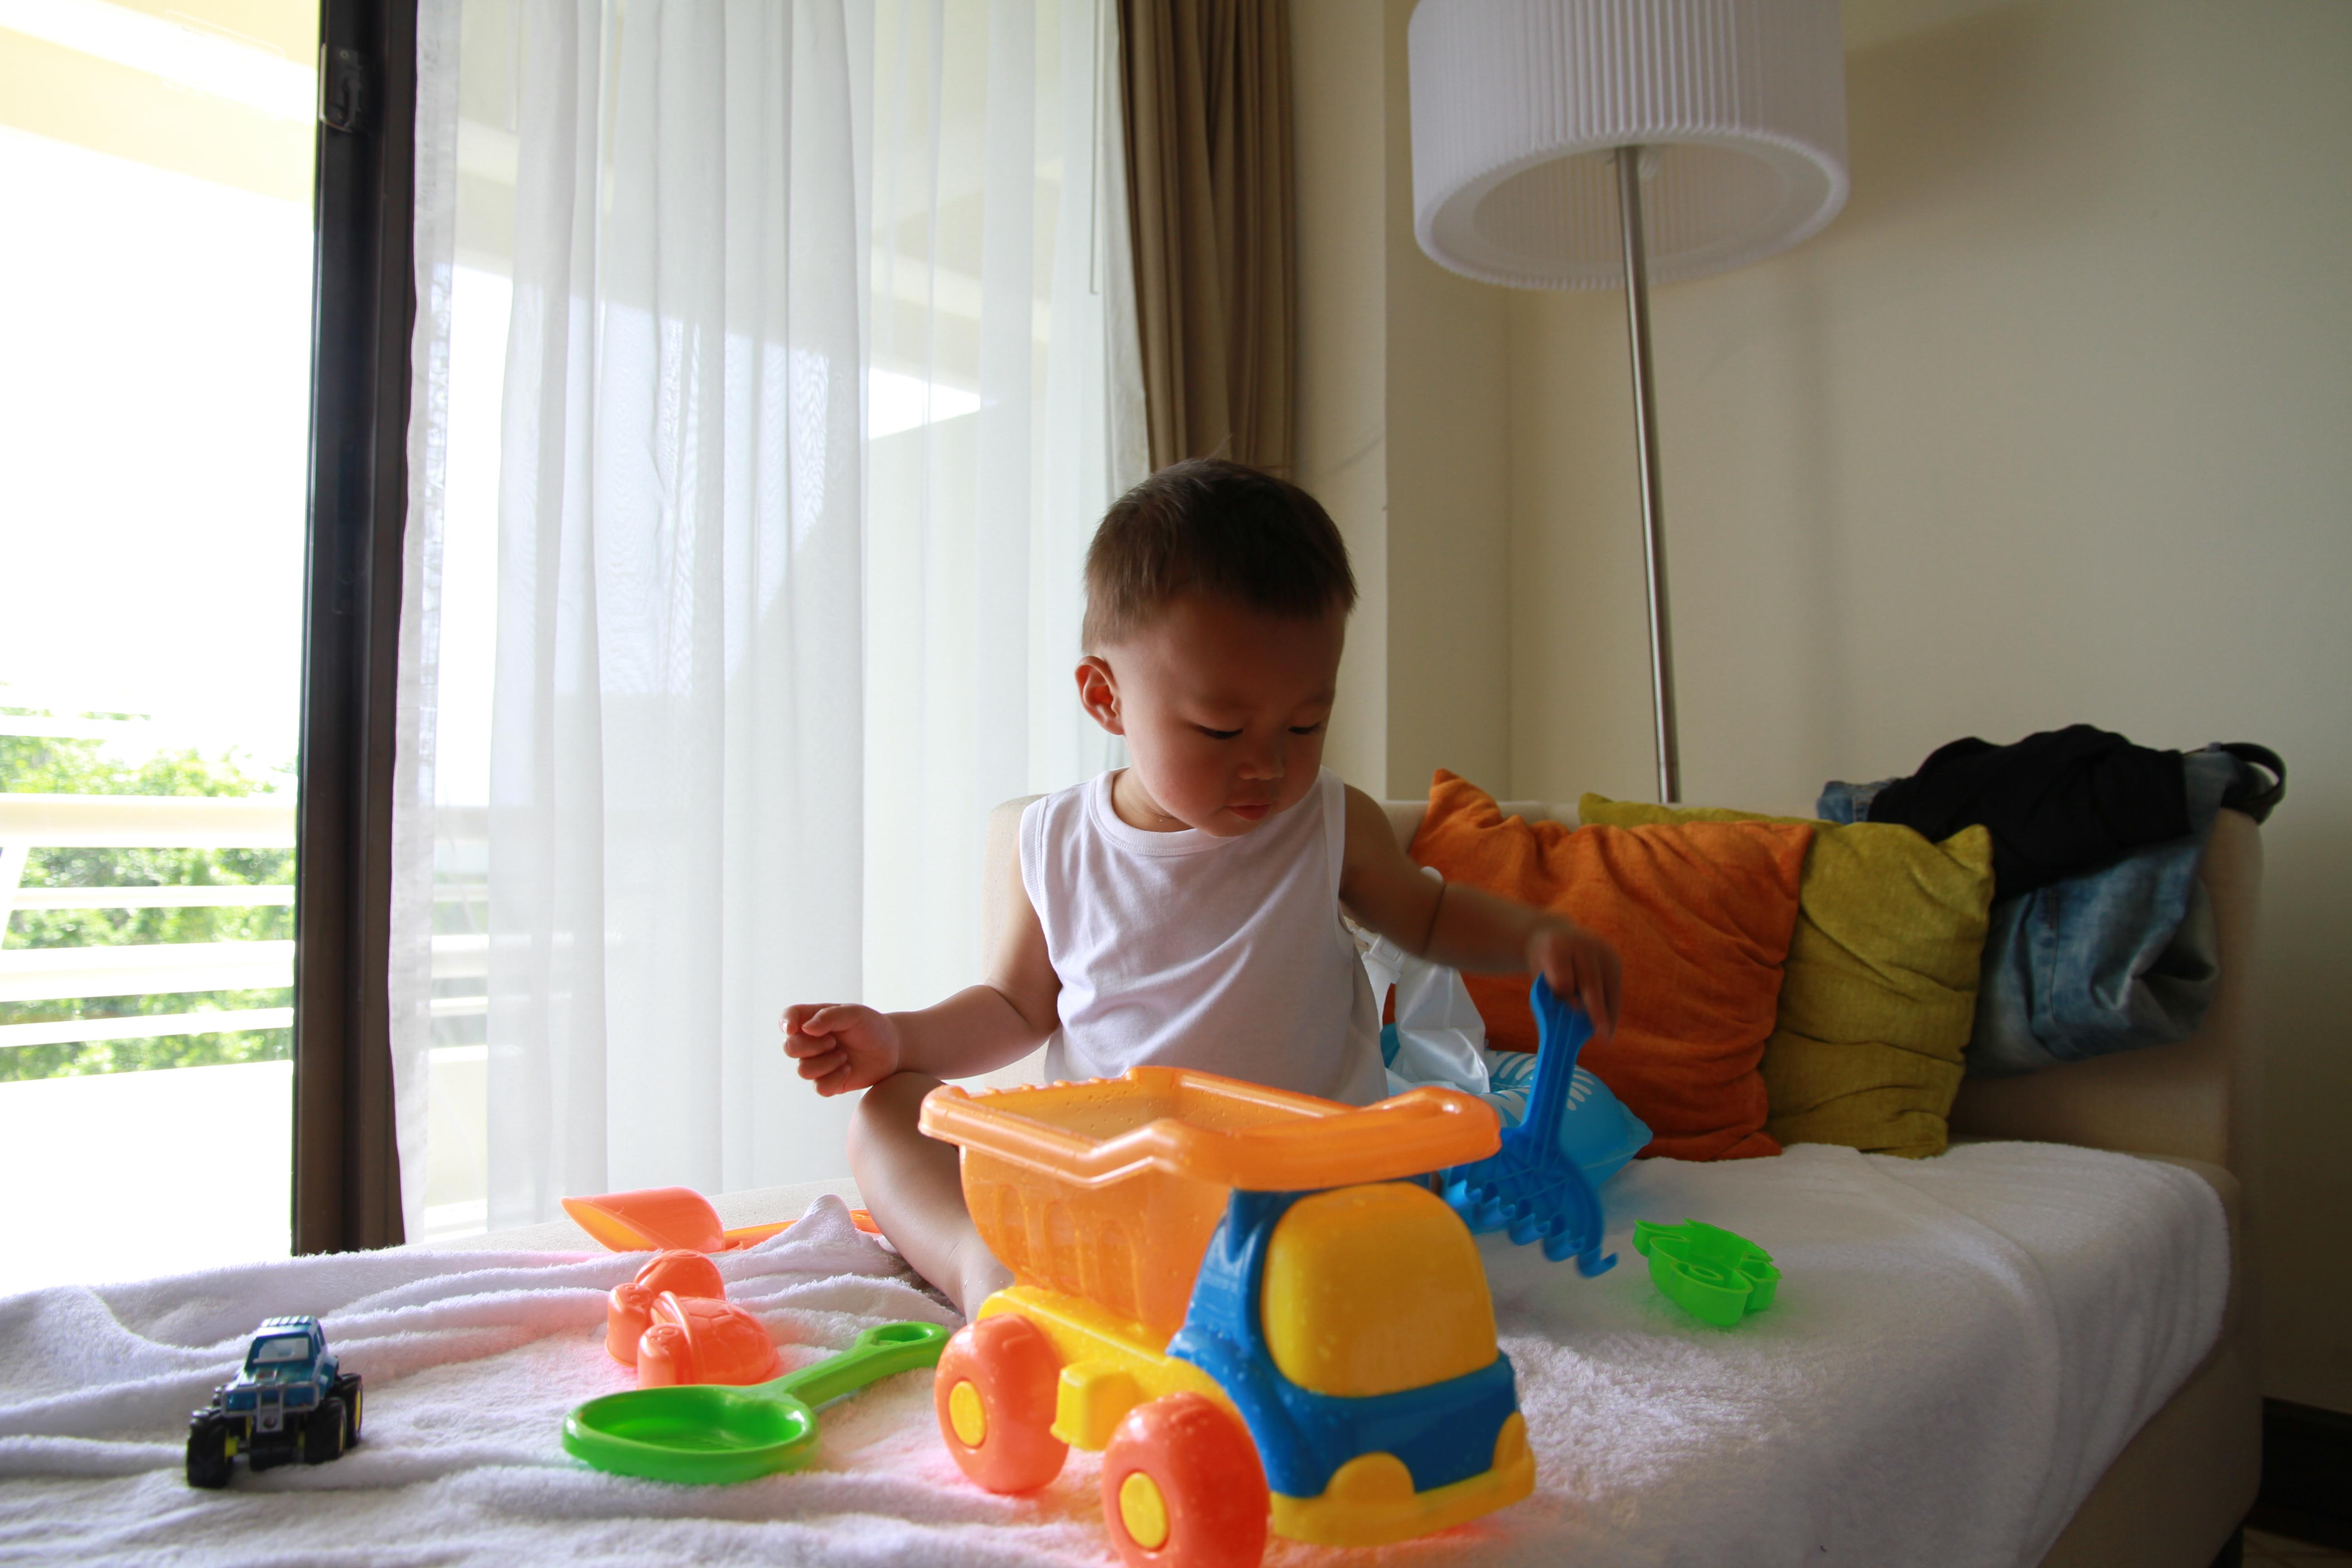 多多小朋友在酒店房间里准备他的挖沙工具呢